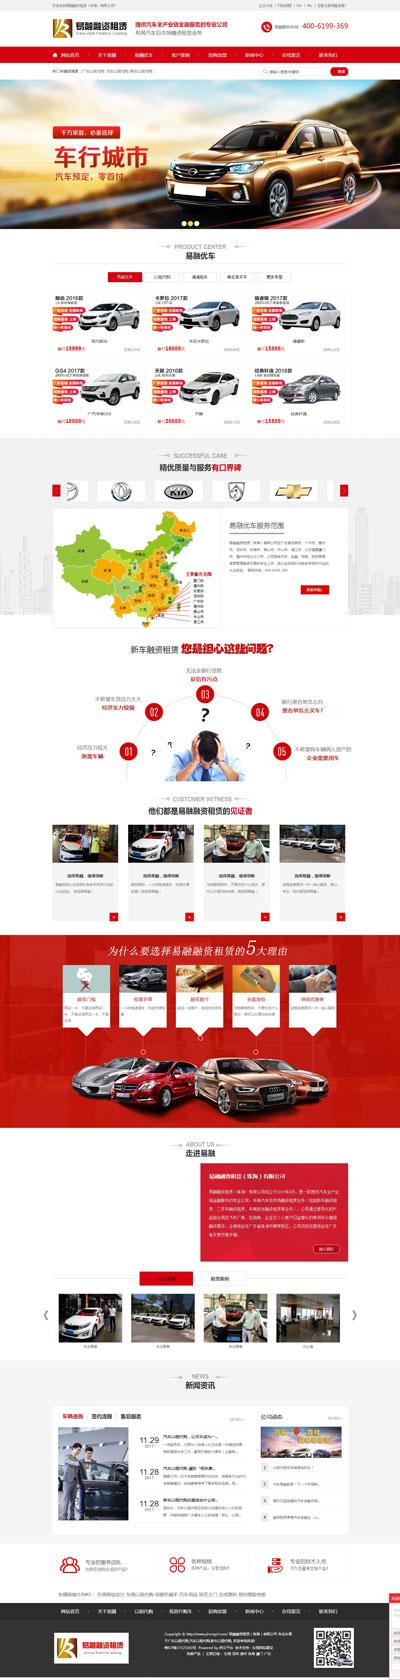 易融融资租赁(珠海)有限公司